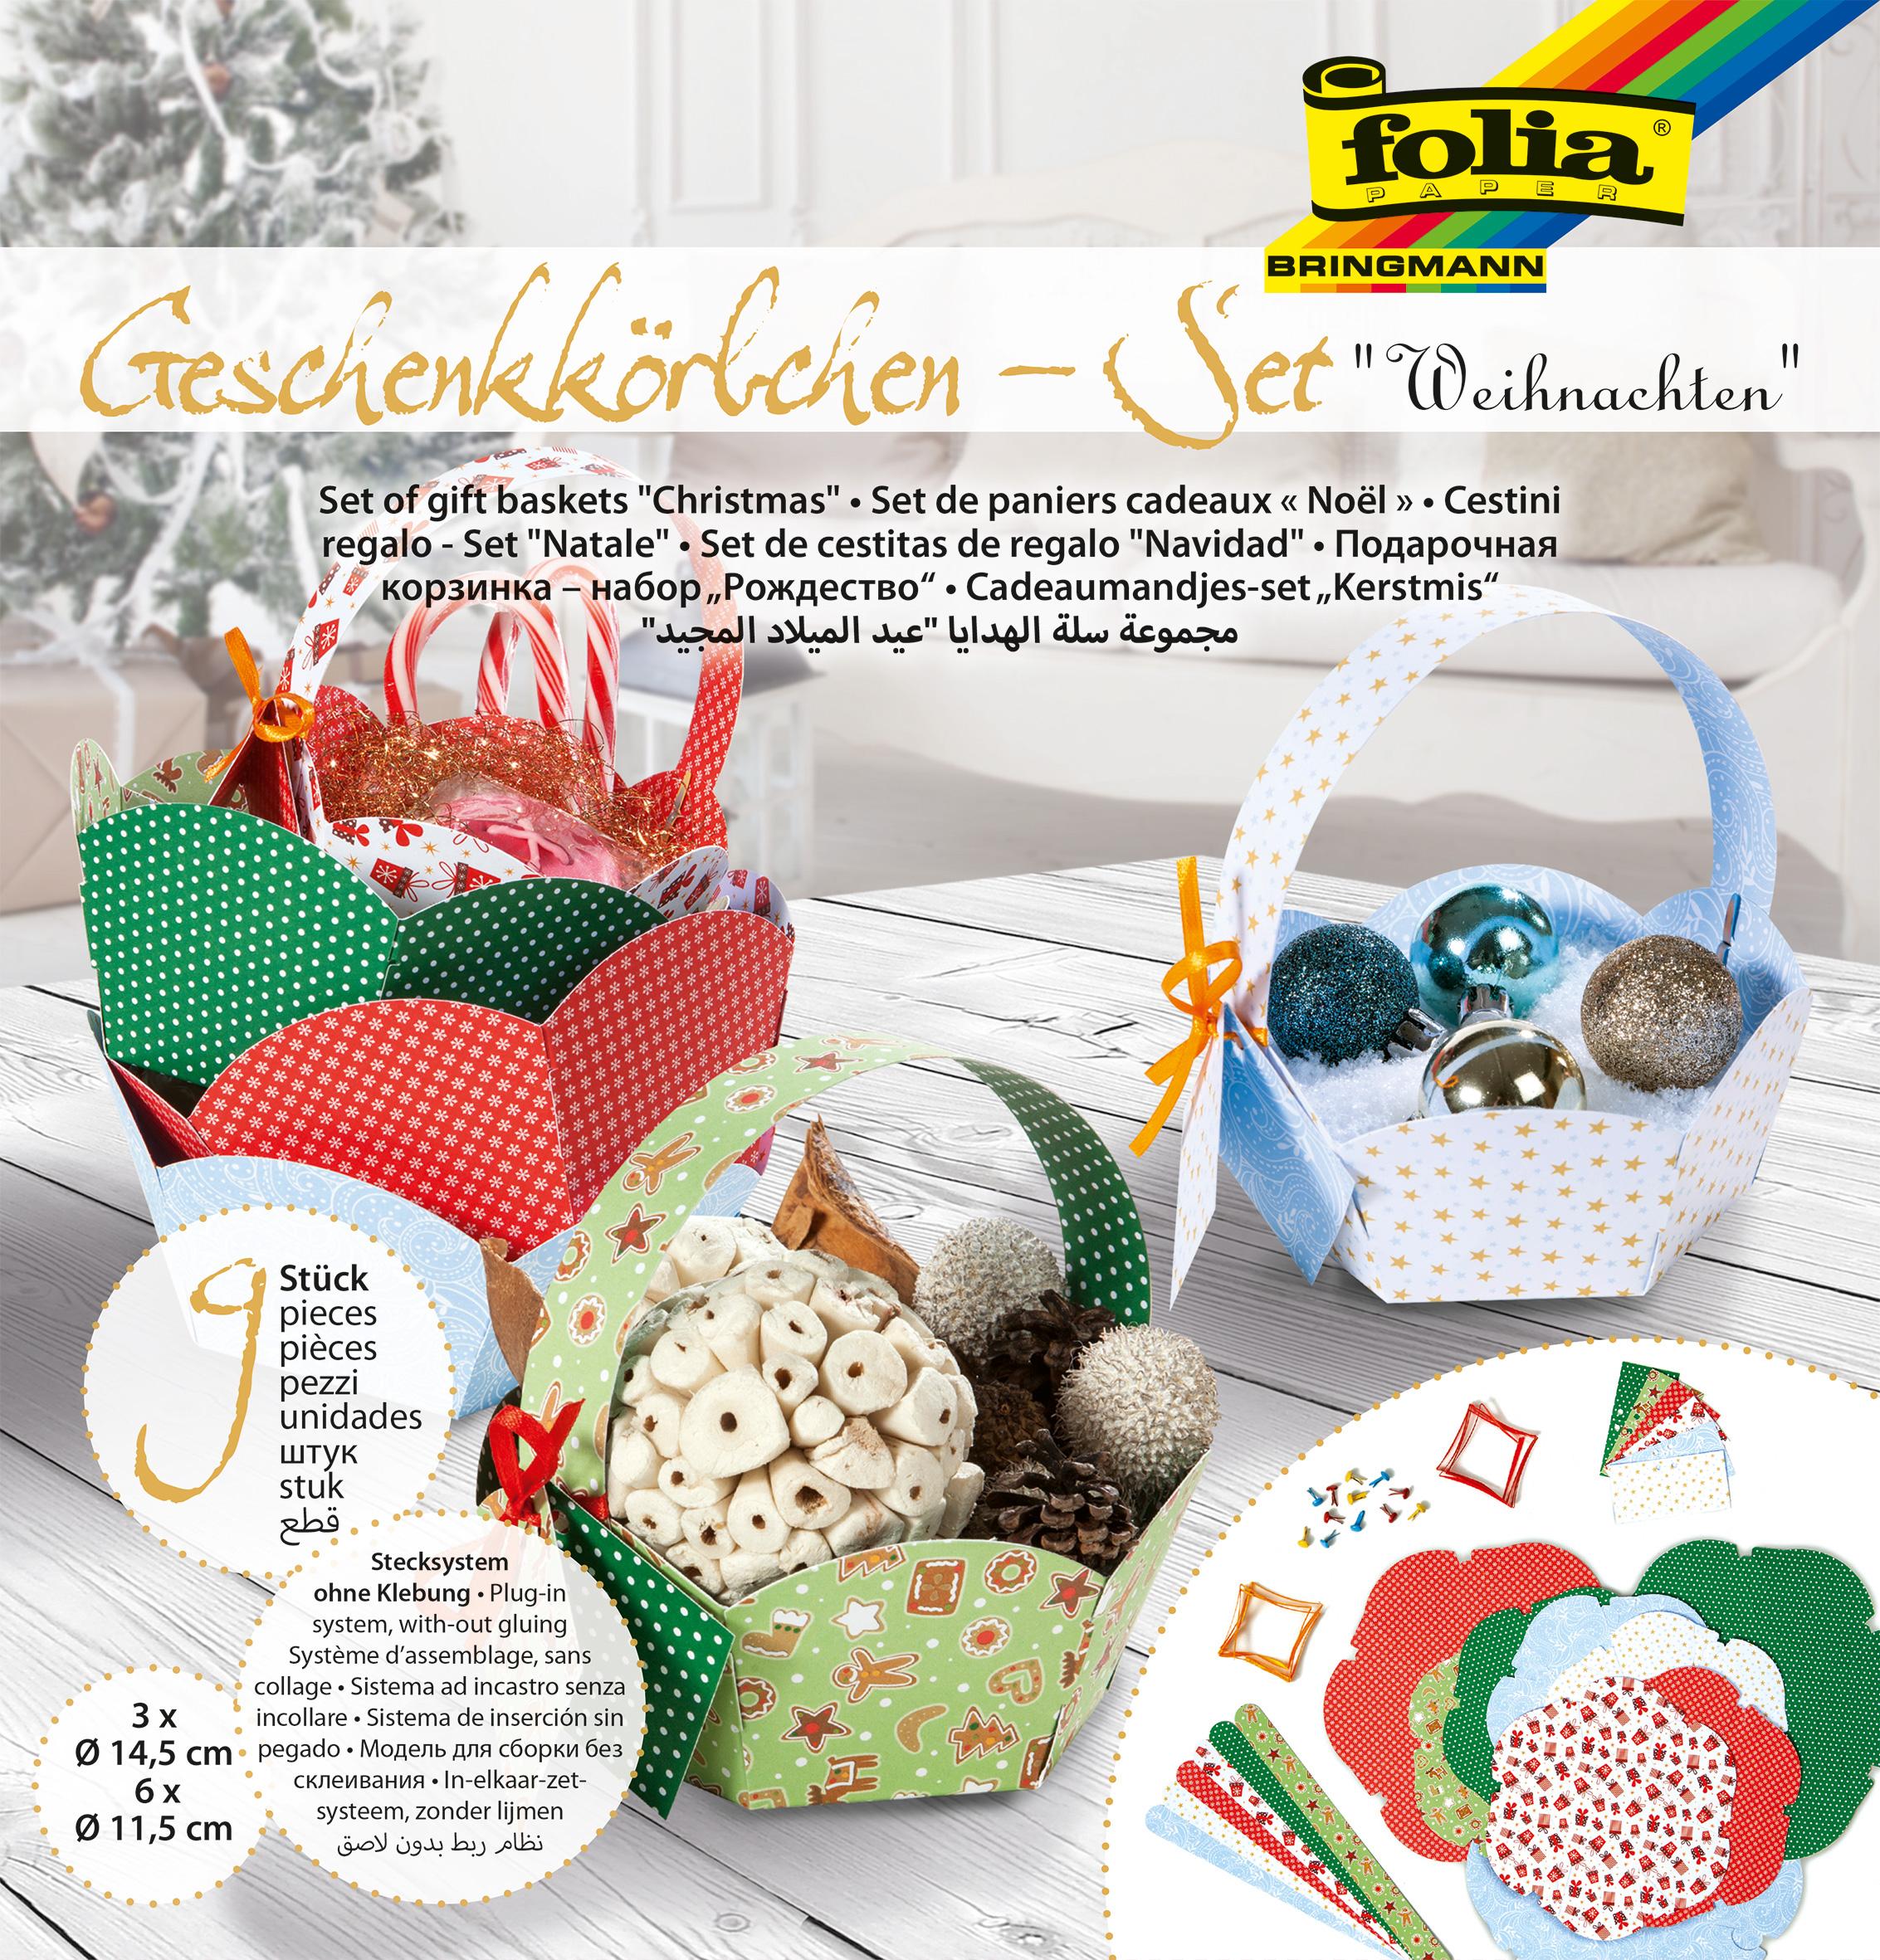 Geschenkkörbchen-Set Weihnachten 9 Körbchen m.Stecksystem & Zubehör ...